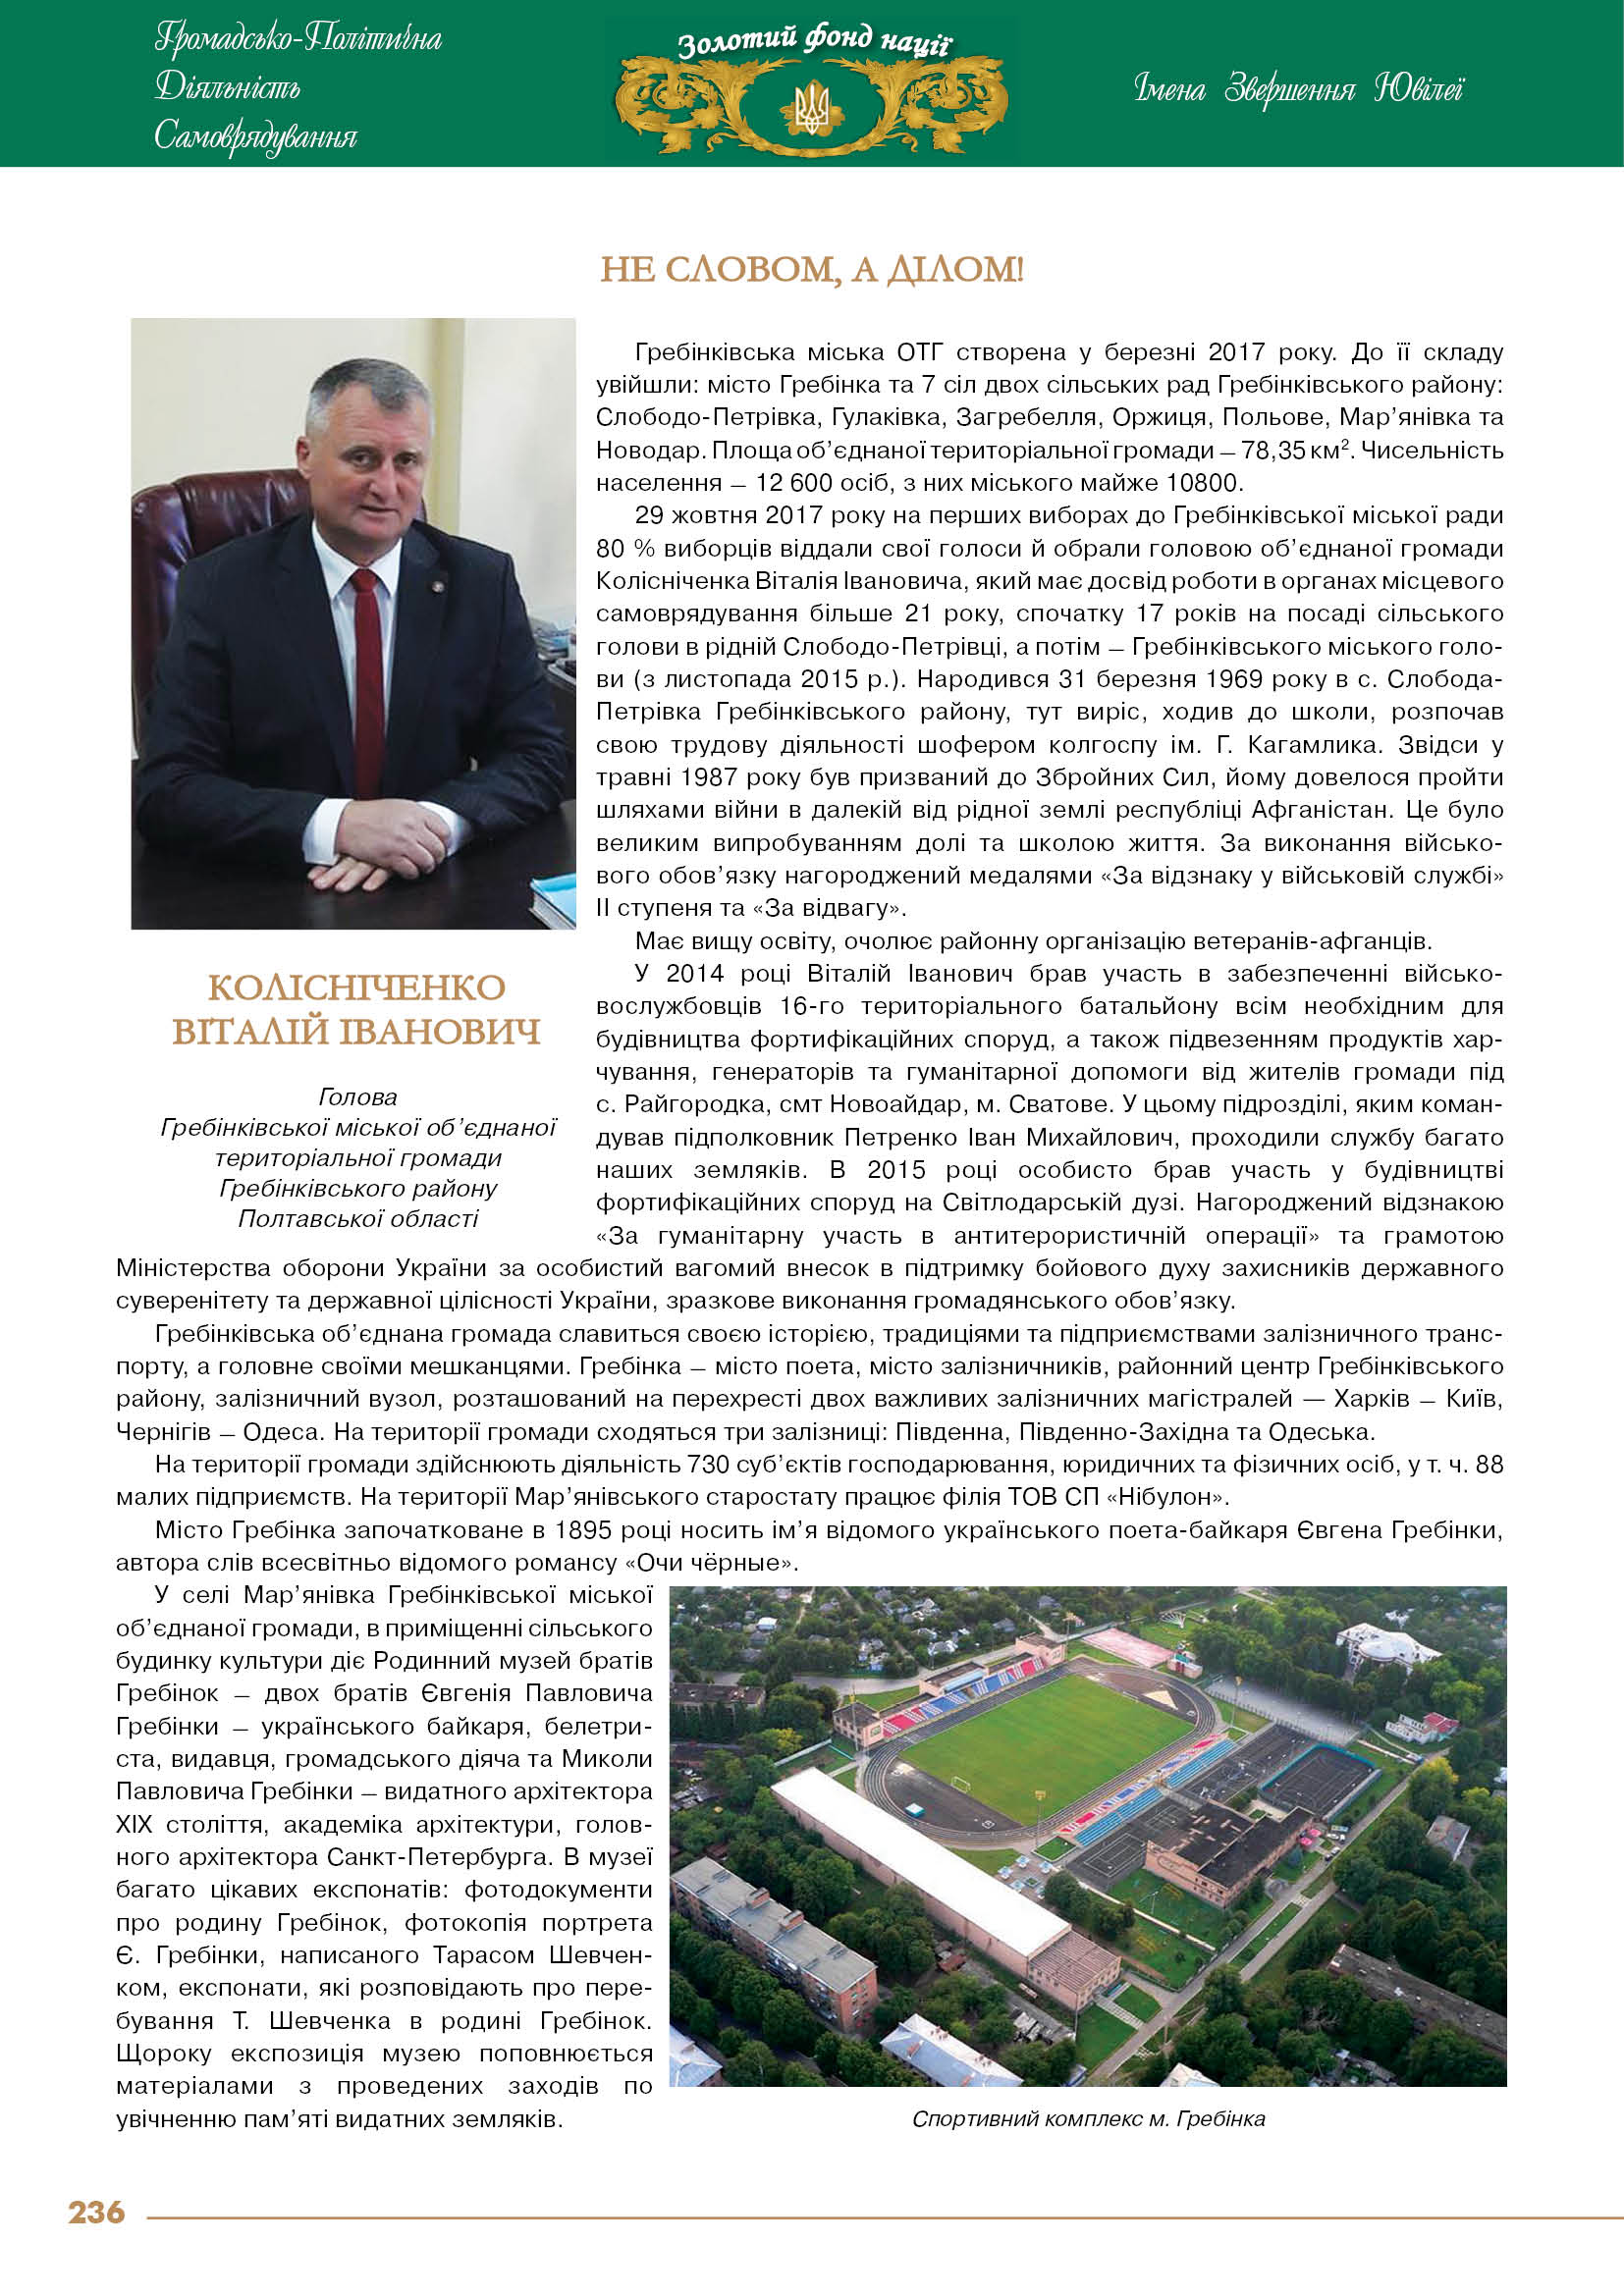 Колісніченко Віталій Іванович